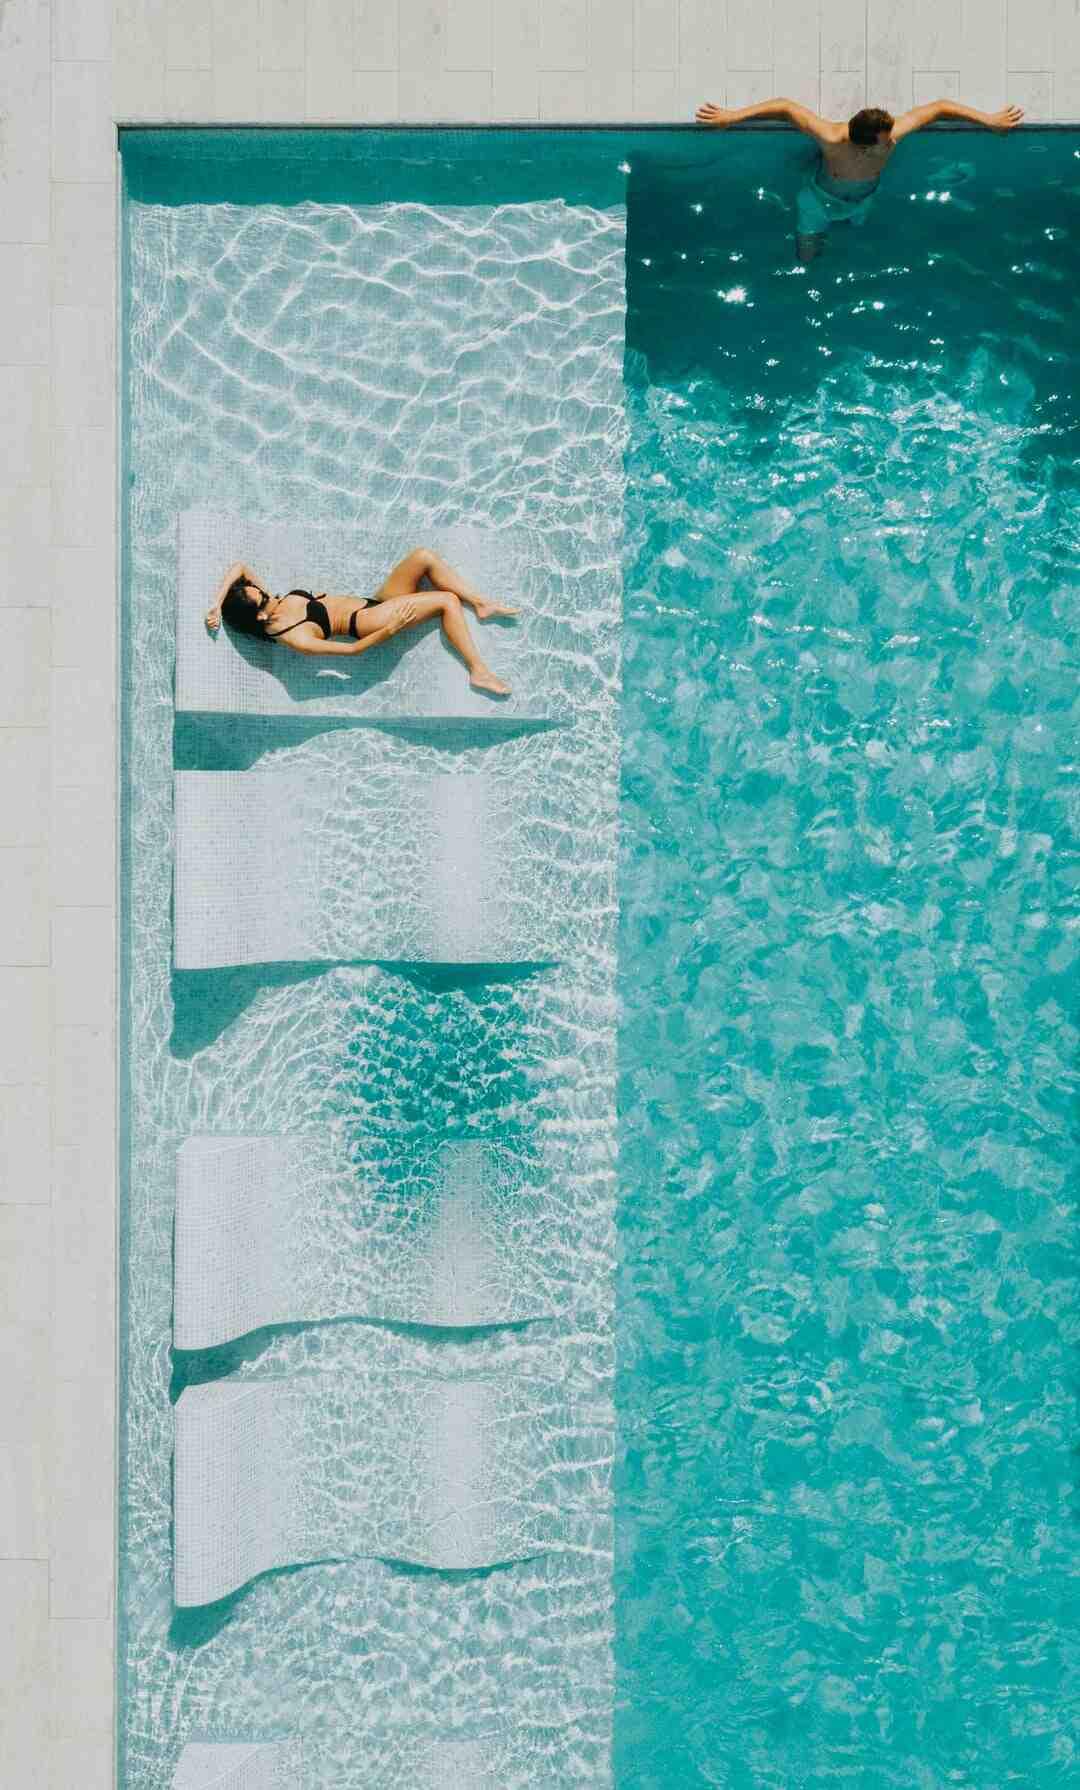 Comment vider l'eau d'une piscine hors sol ?